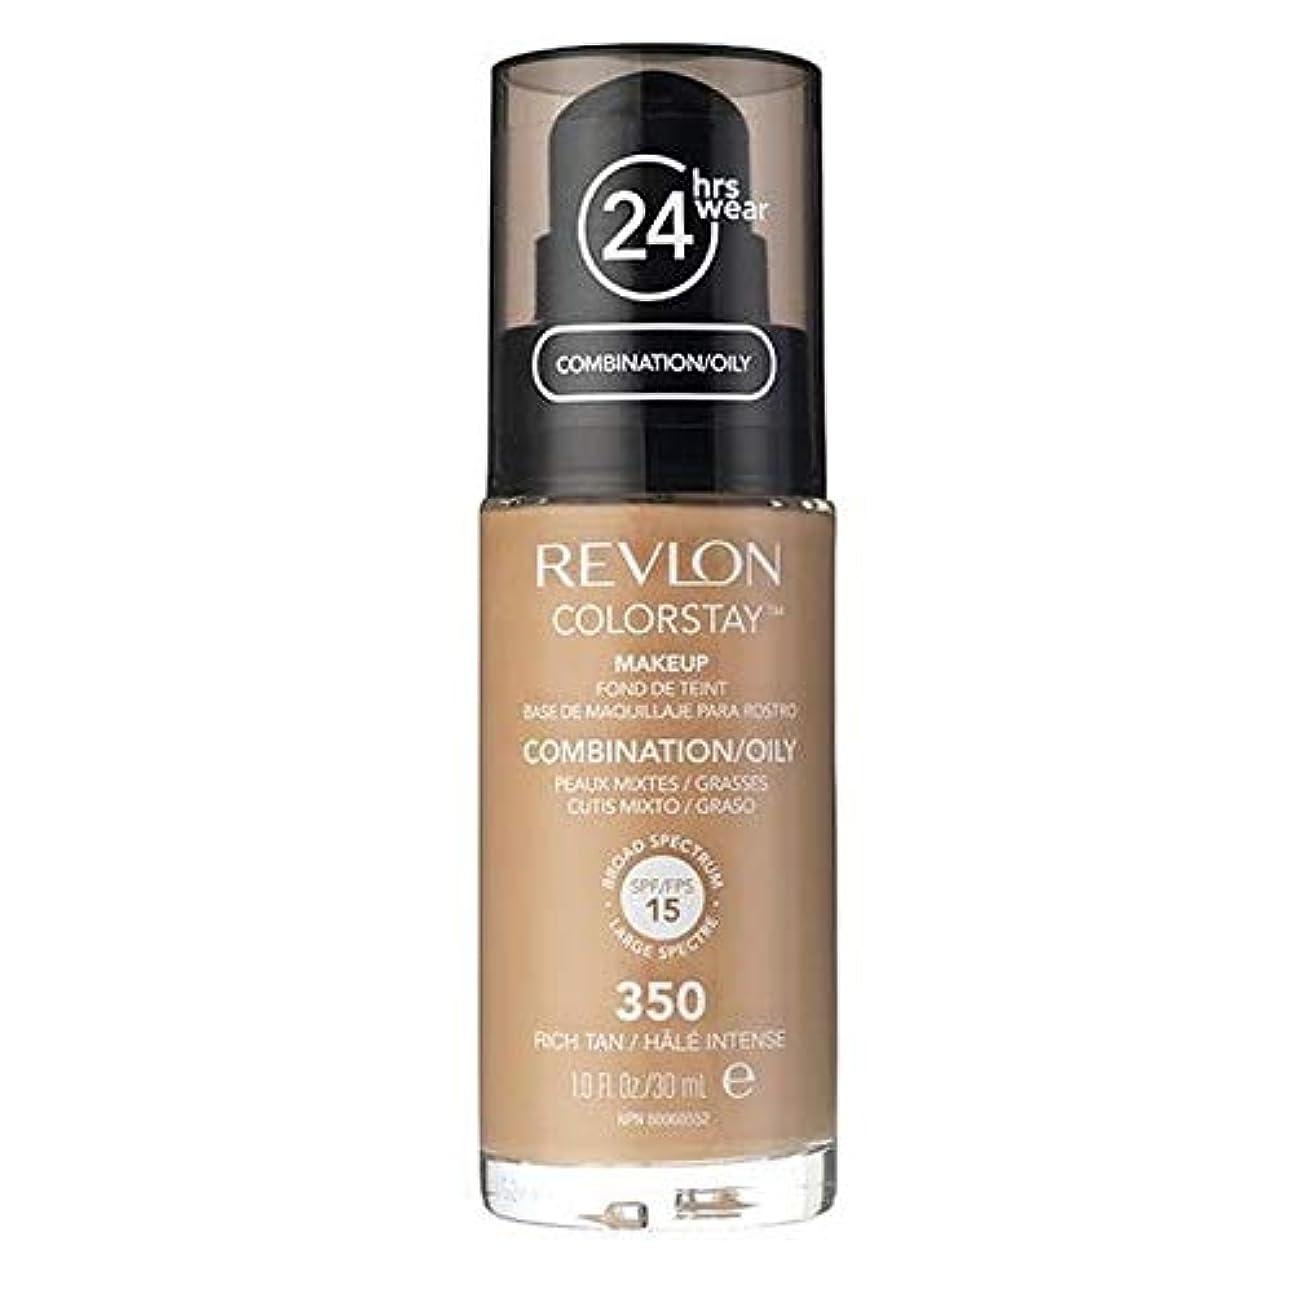 ムス幻想的スイ[Revlon ] レブロンカラーステイ基盤コンビ/油性豊かな日焼け30ミリリットル - Revlon Color Stay Foundation Combi/Oily Rich Tan 30ml [並行輸入品]